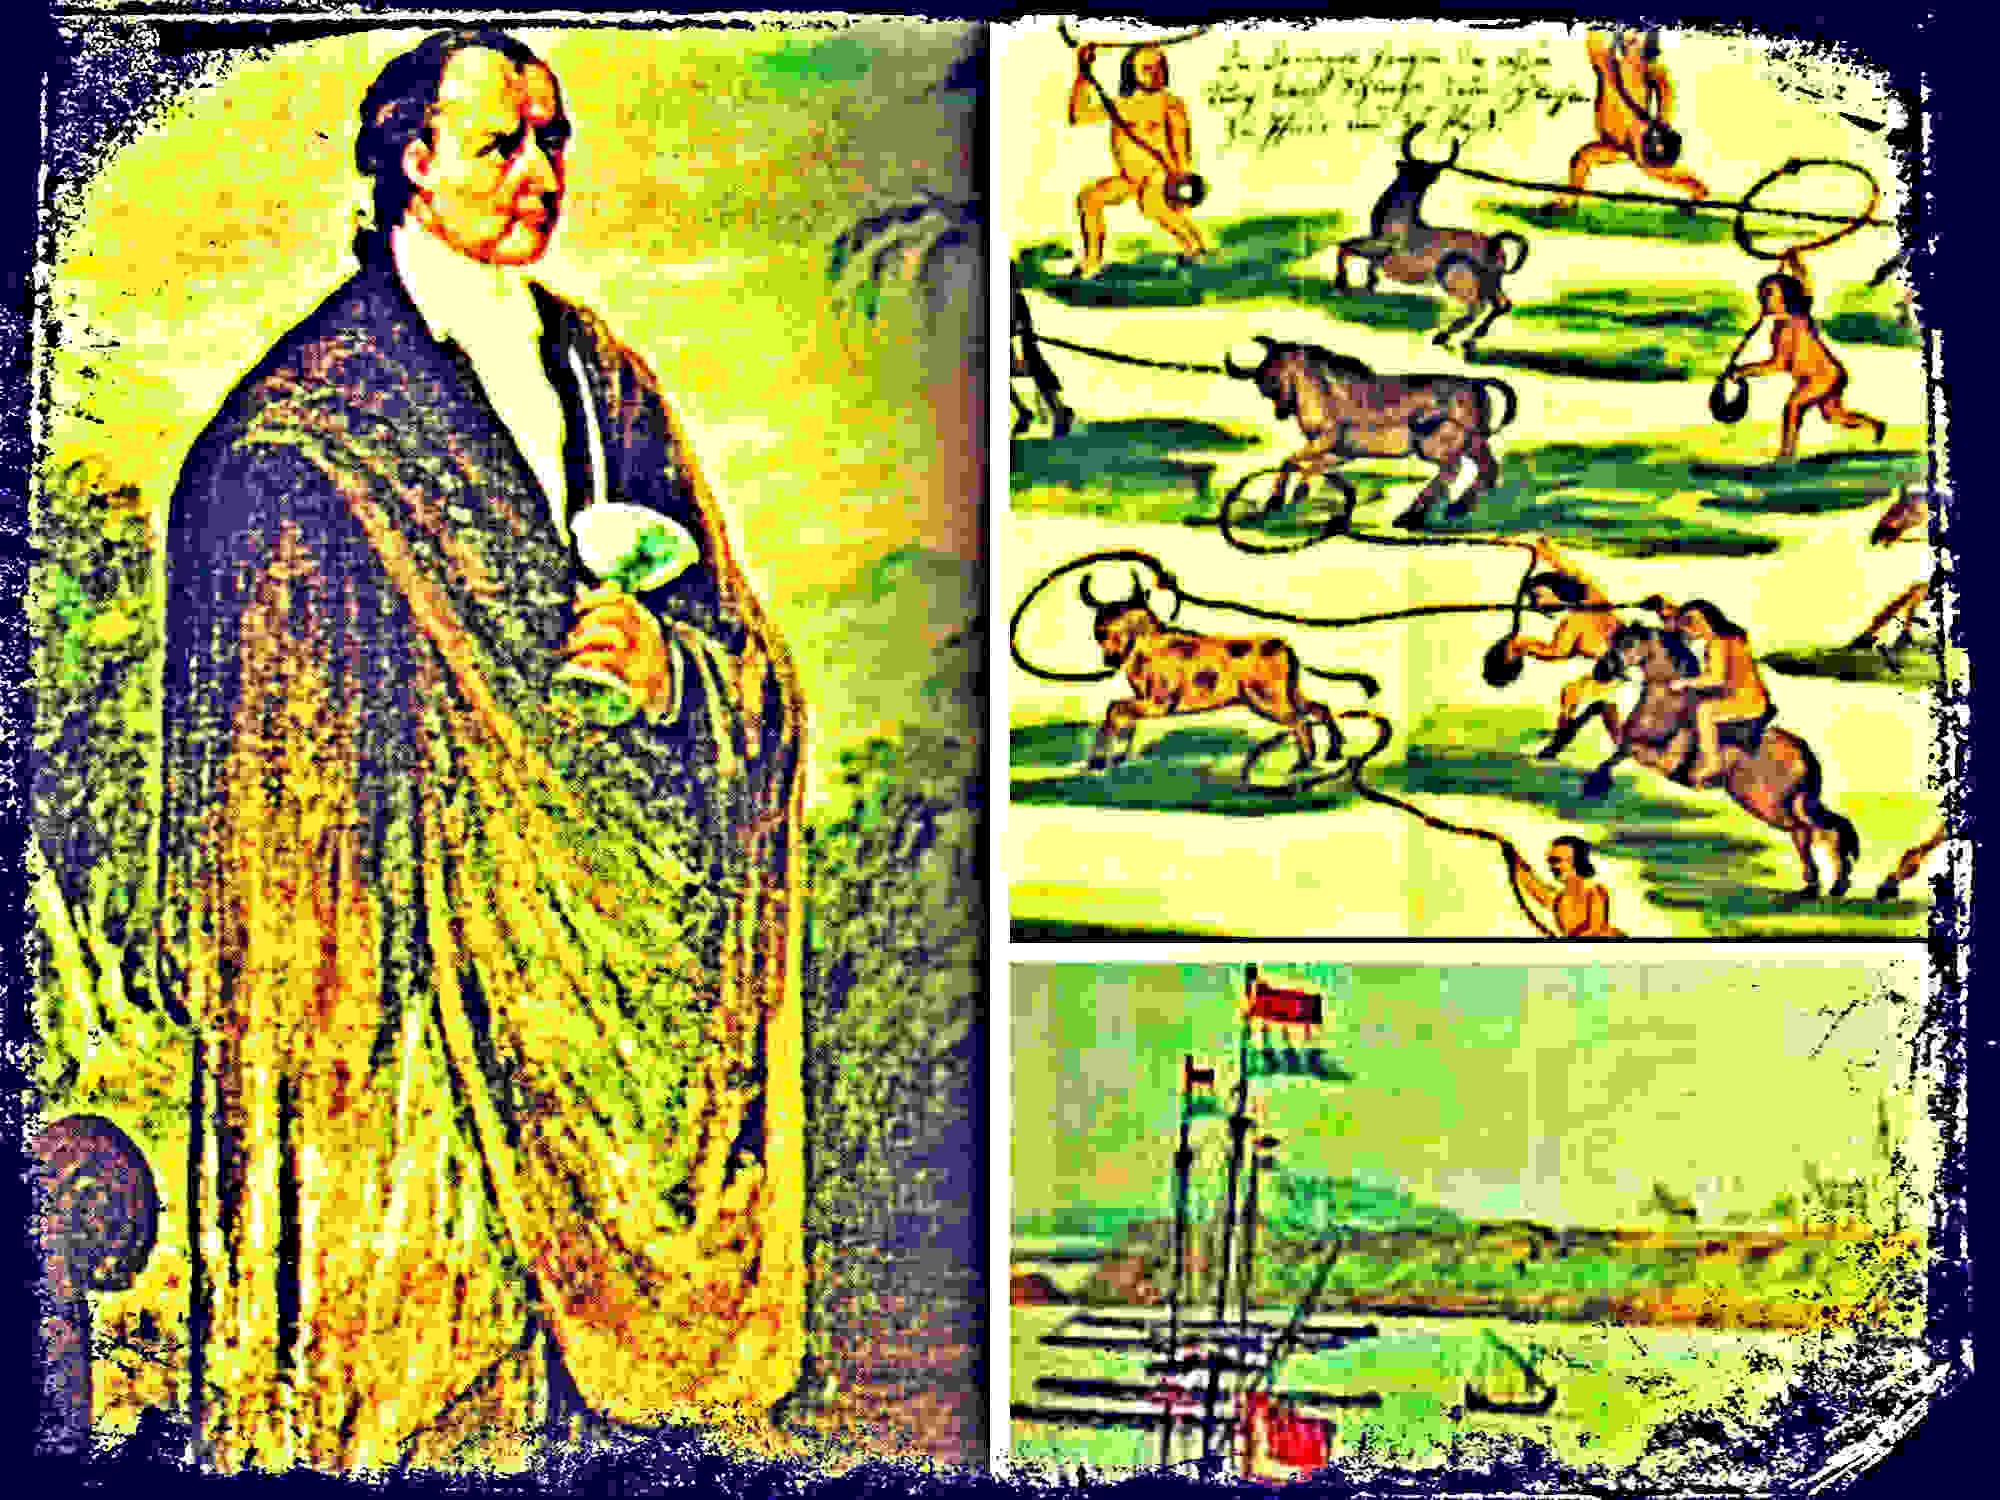 La economía en el Paraguay y el Río de la Plata hacia comienzos del siglo XVIII